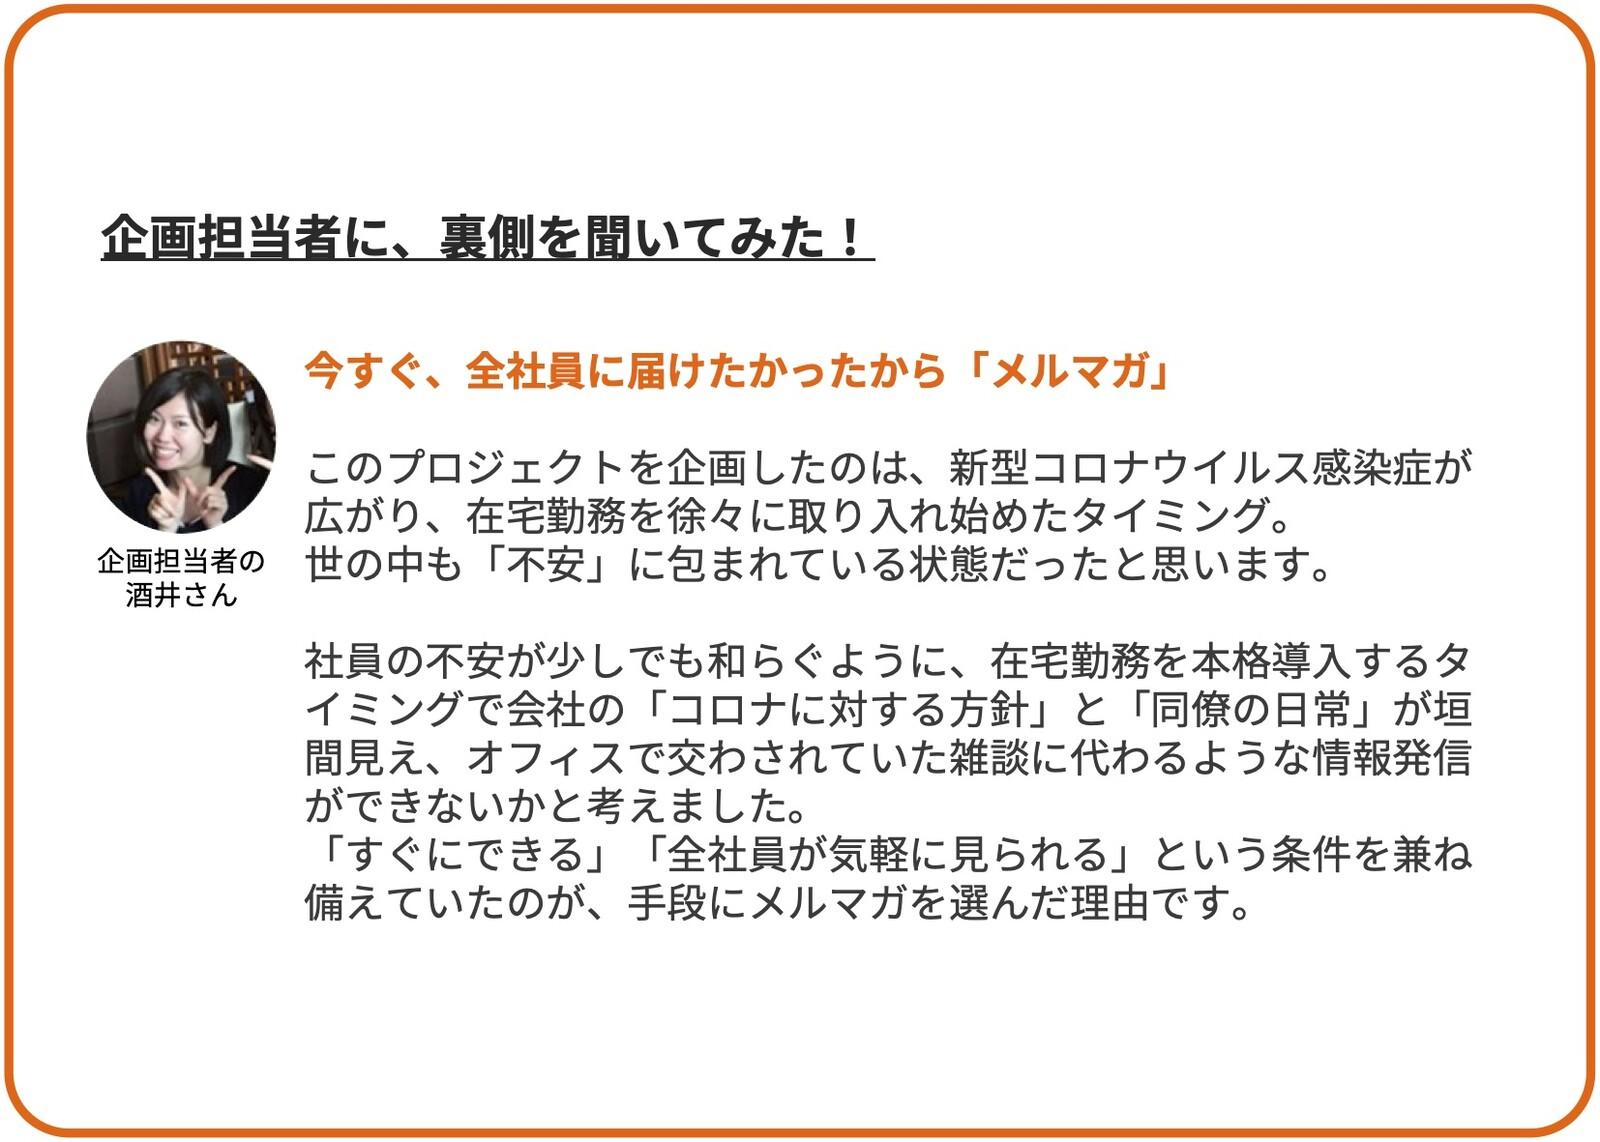 社内コミュニケーション4